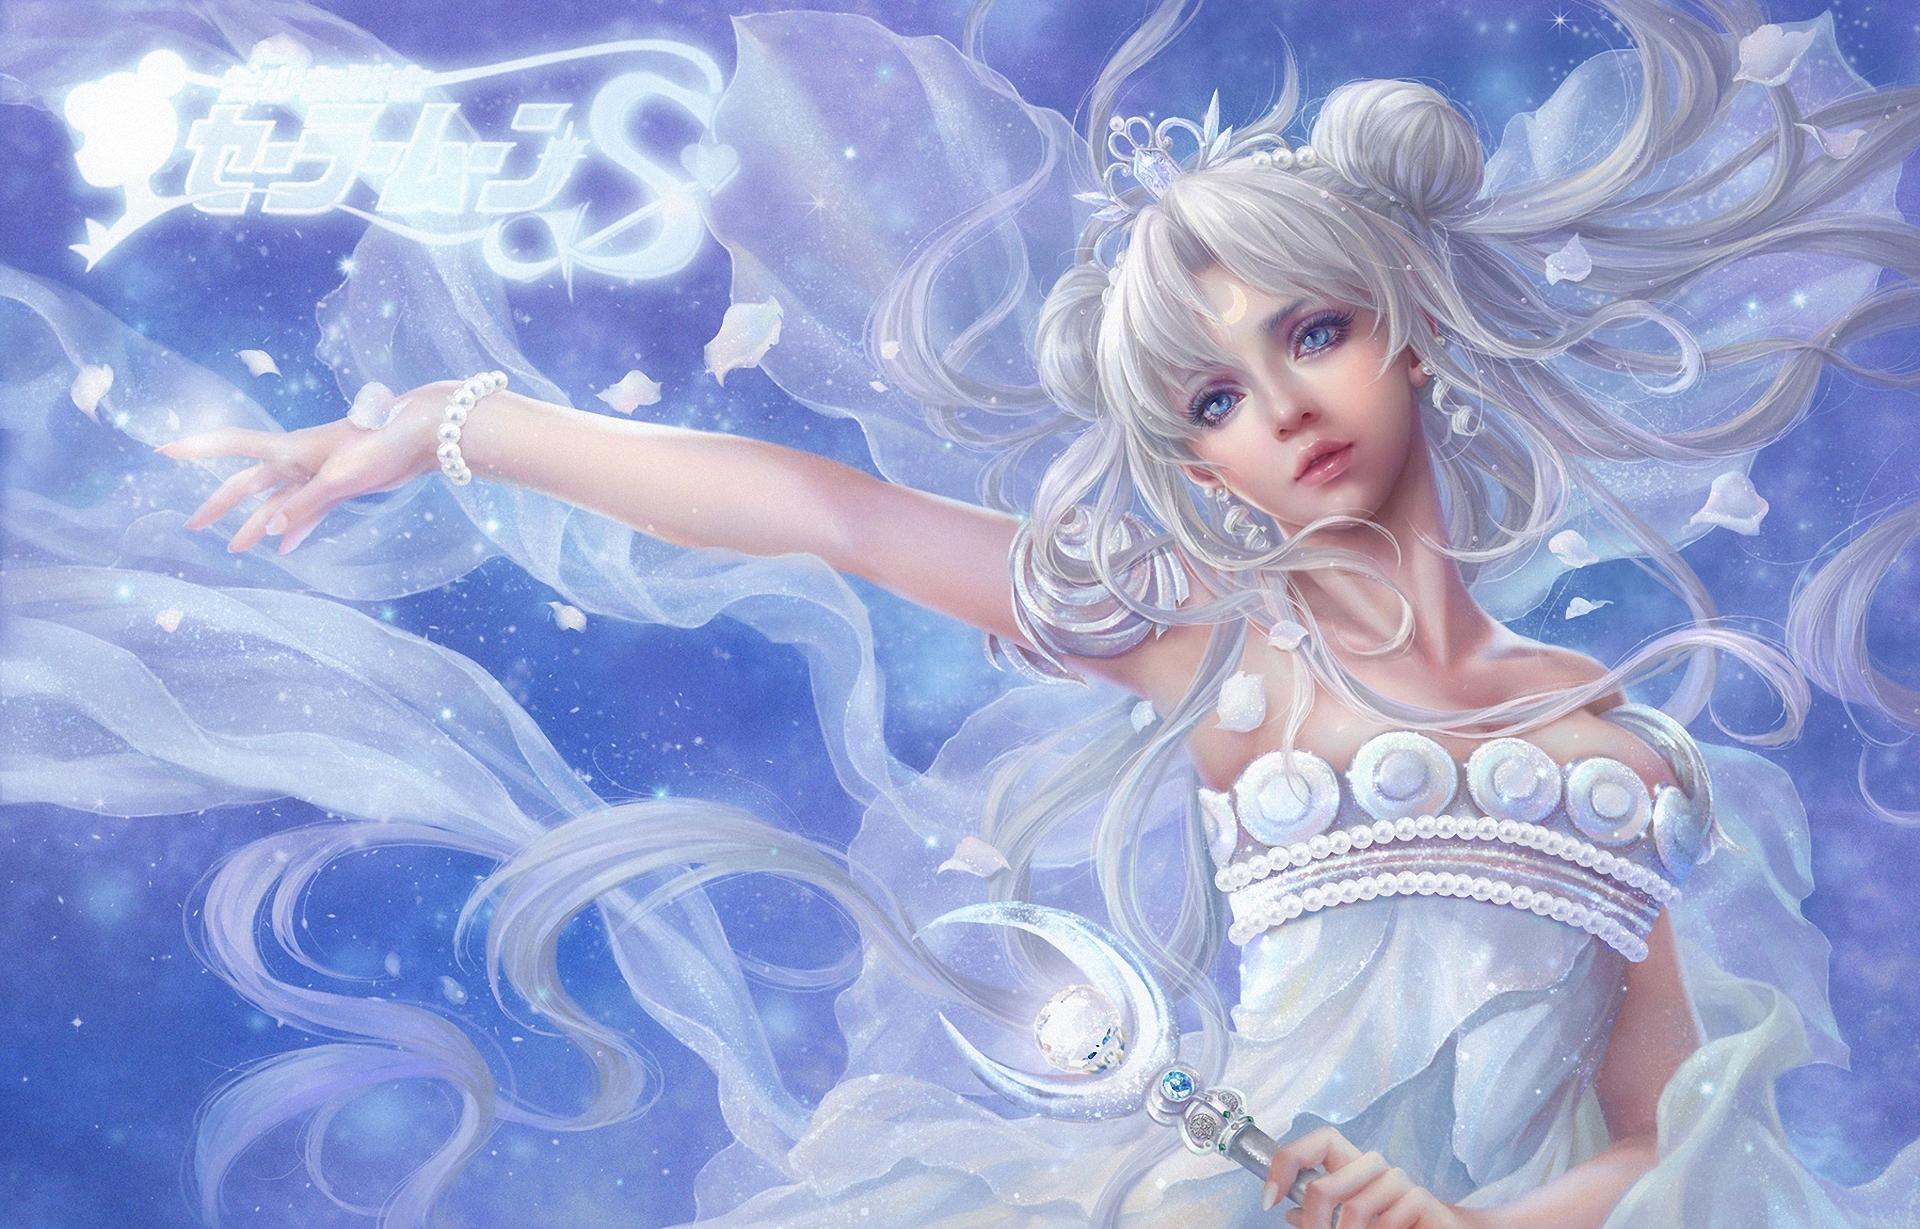 33 Anime Moon Princess Wallpapers On Wallpapersafari